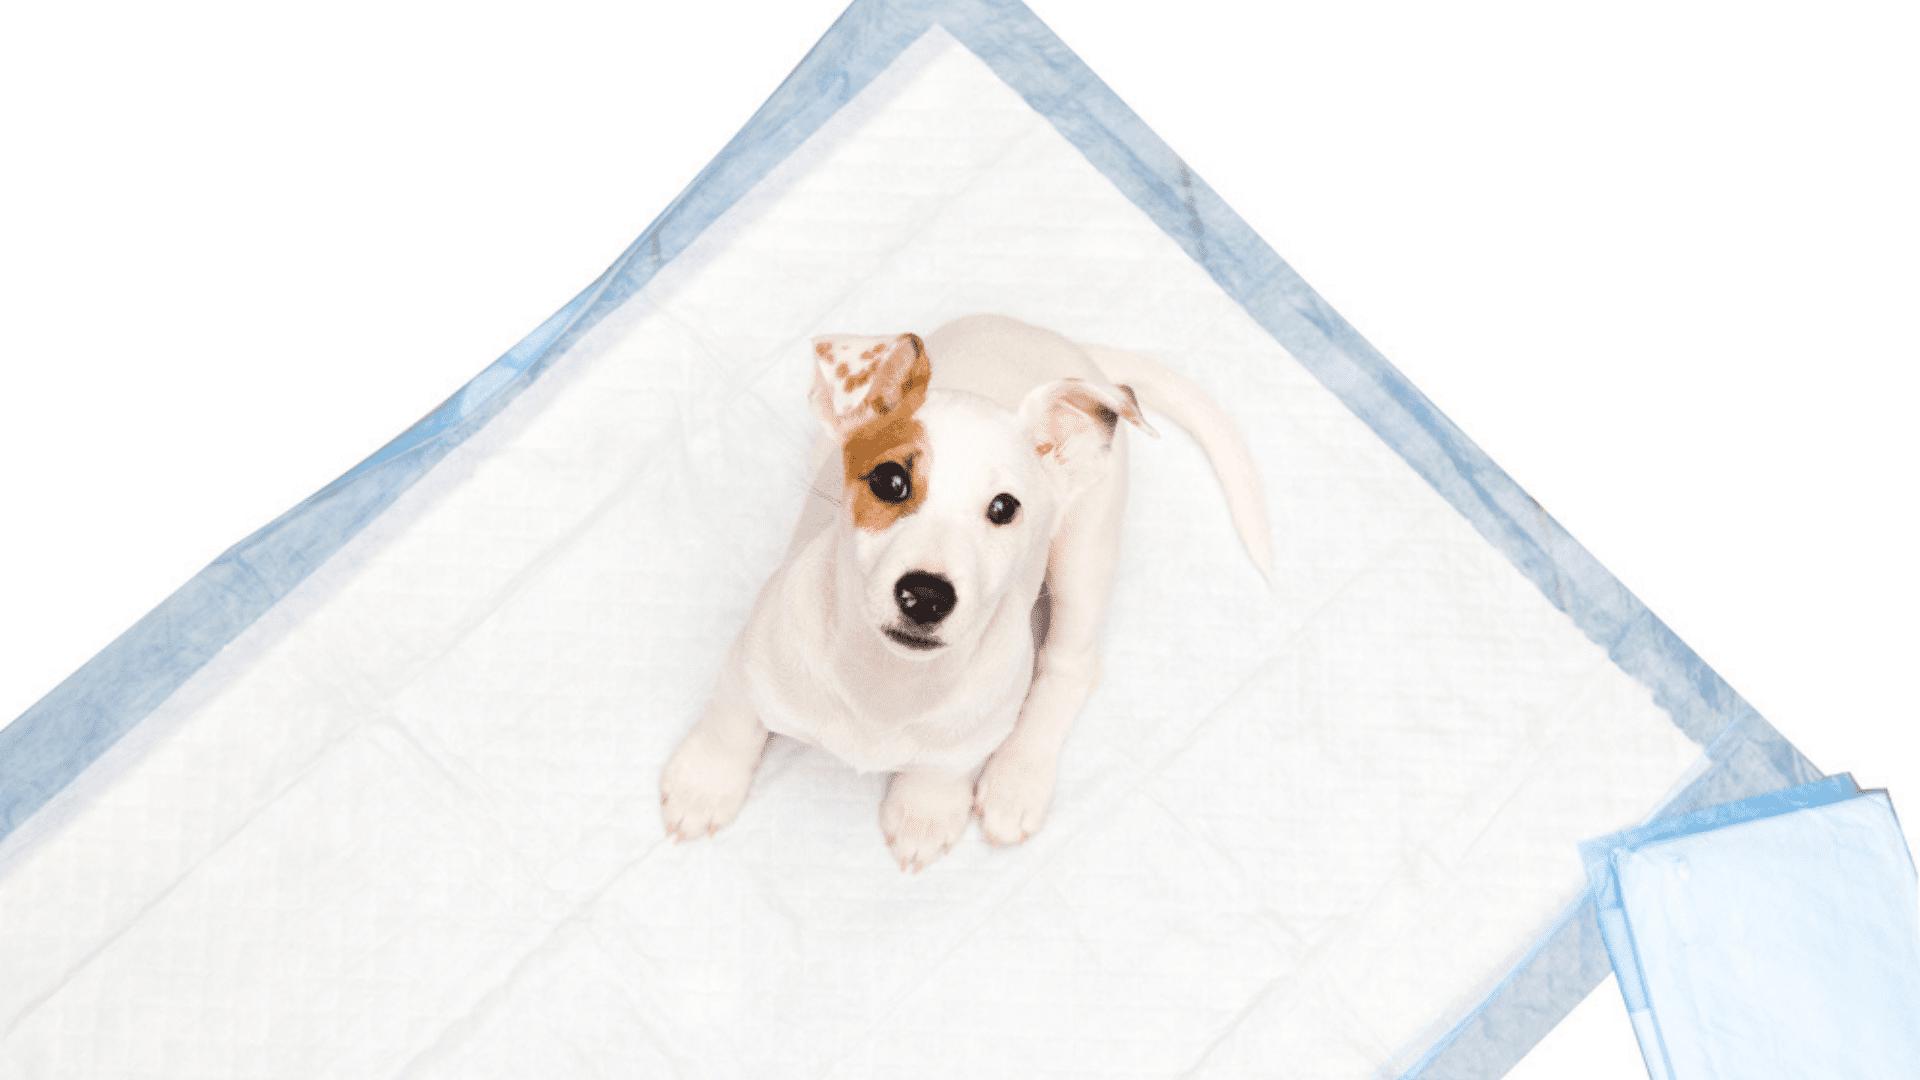 Entenda as vantagens e as desvantagens do tapete higiênico! (Reprodução/Shutterstock)